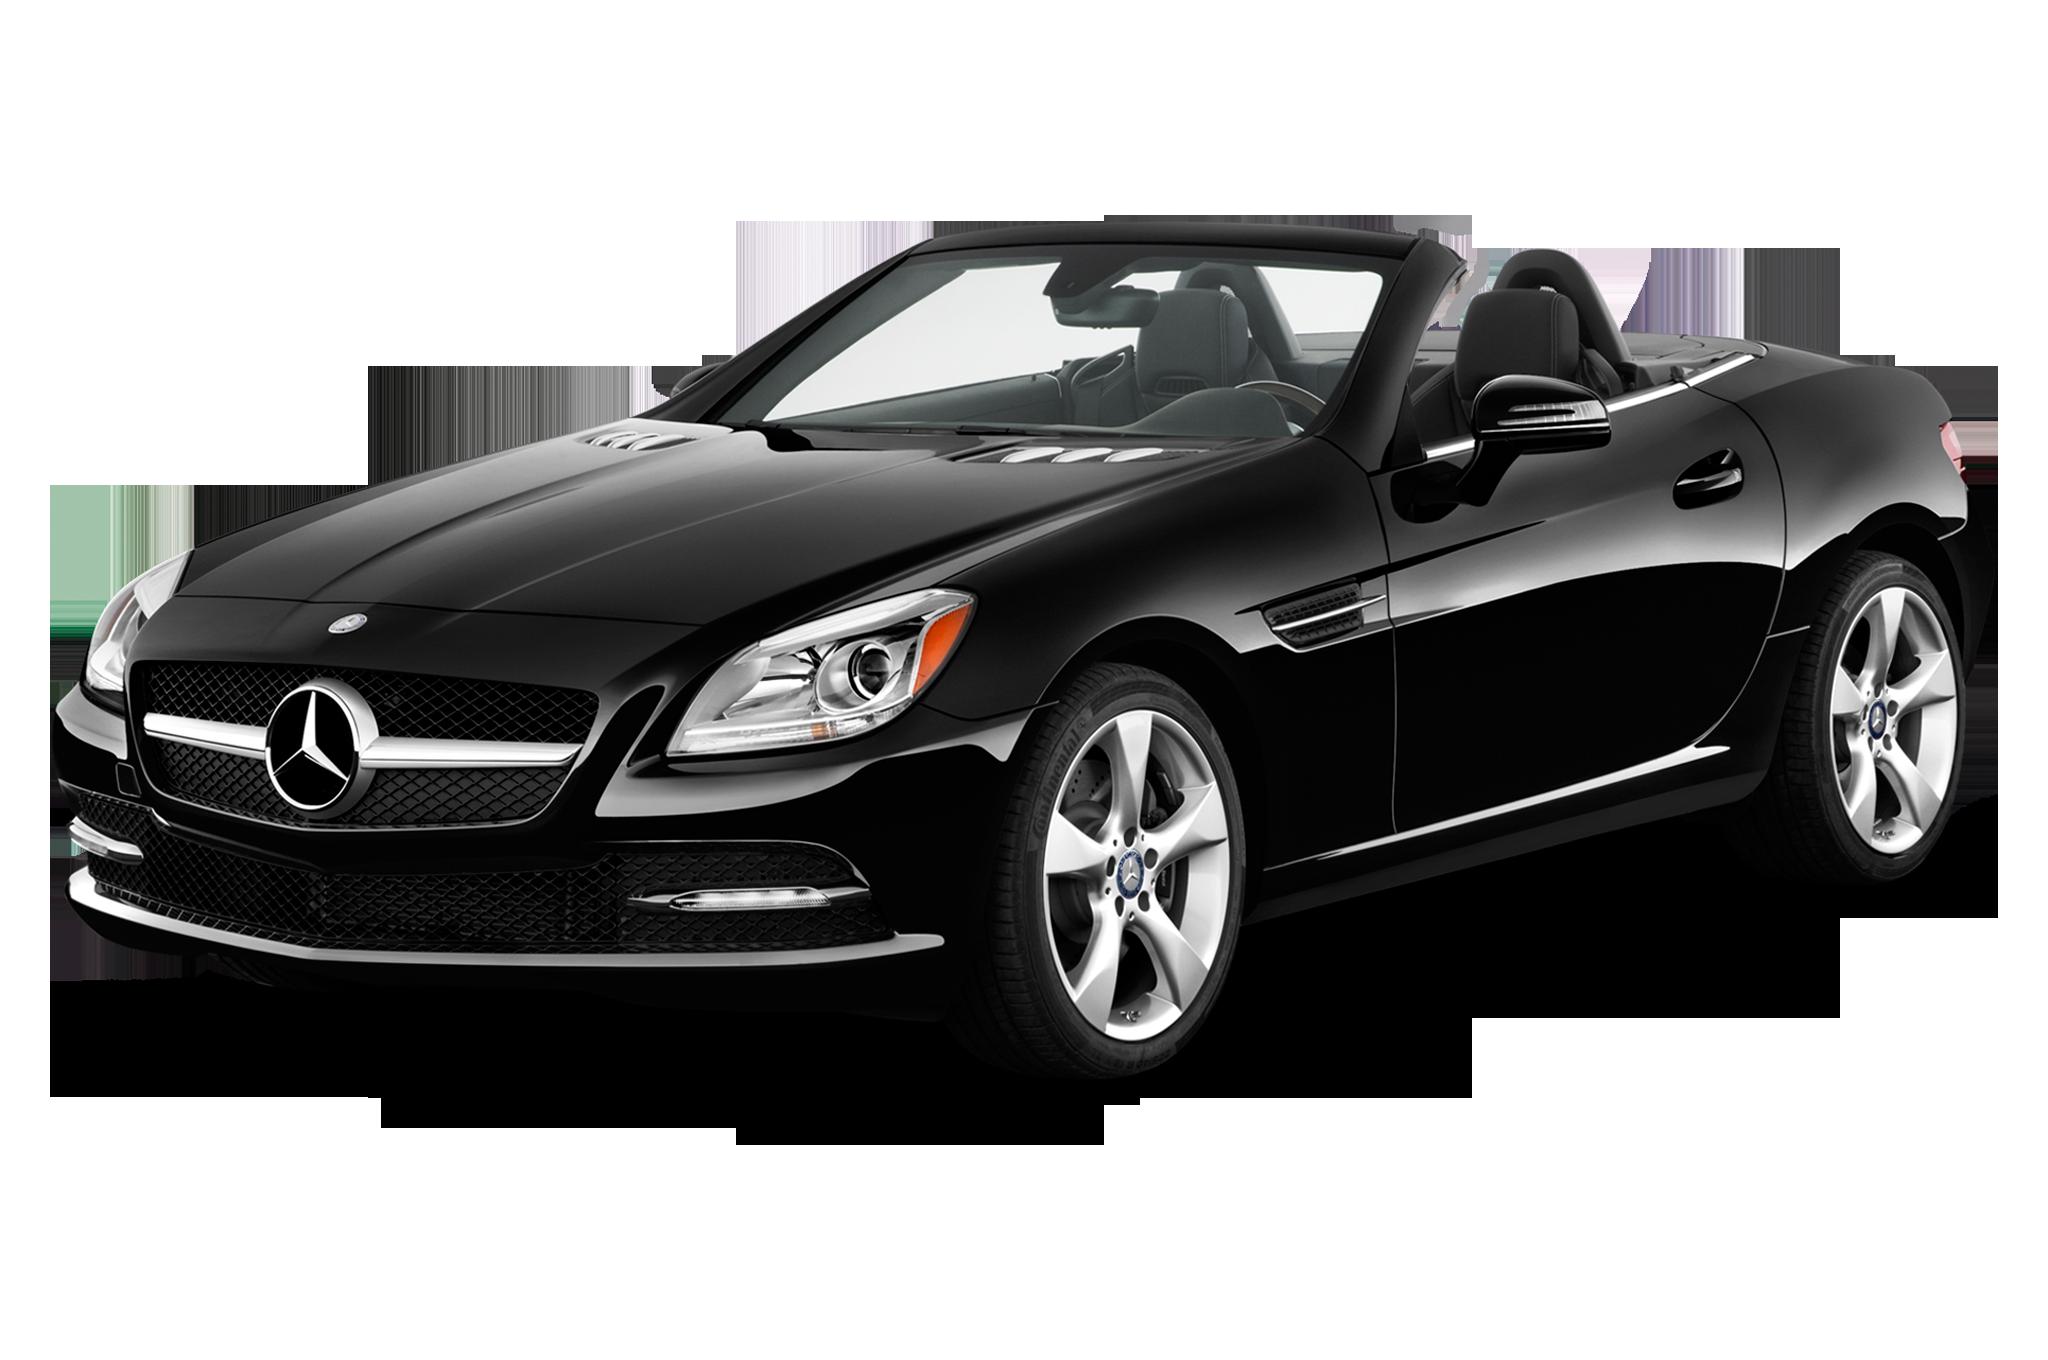 2012 Mercedes Benz Slk250 Editors Notebook Automobile Magazine October Fuse Box Diagram Slk Class